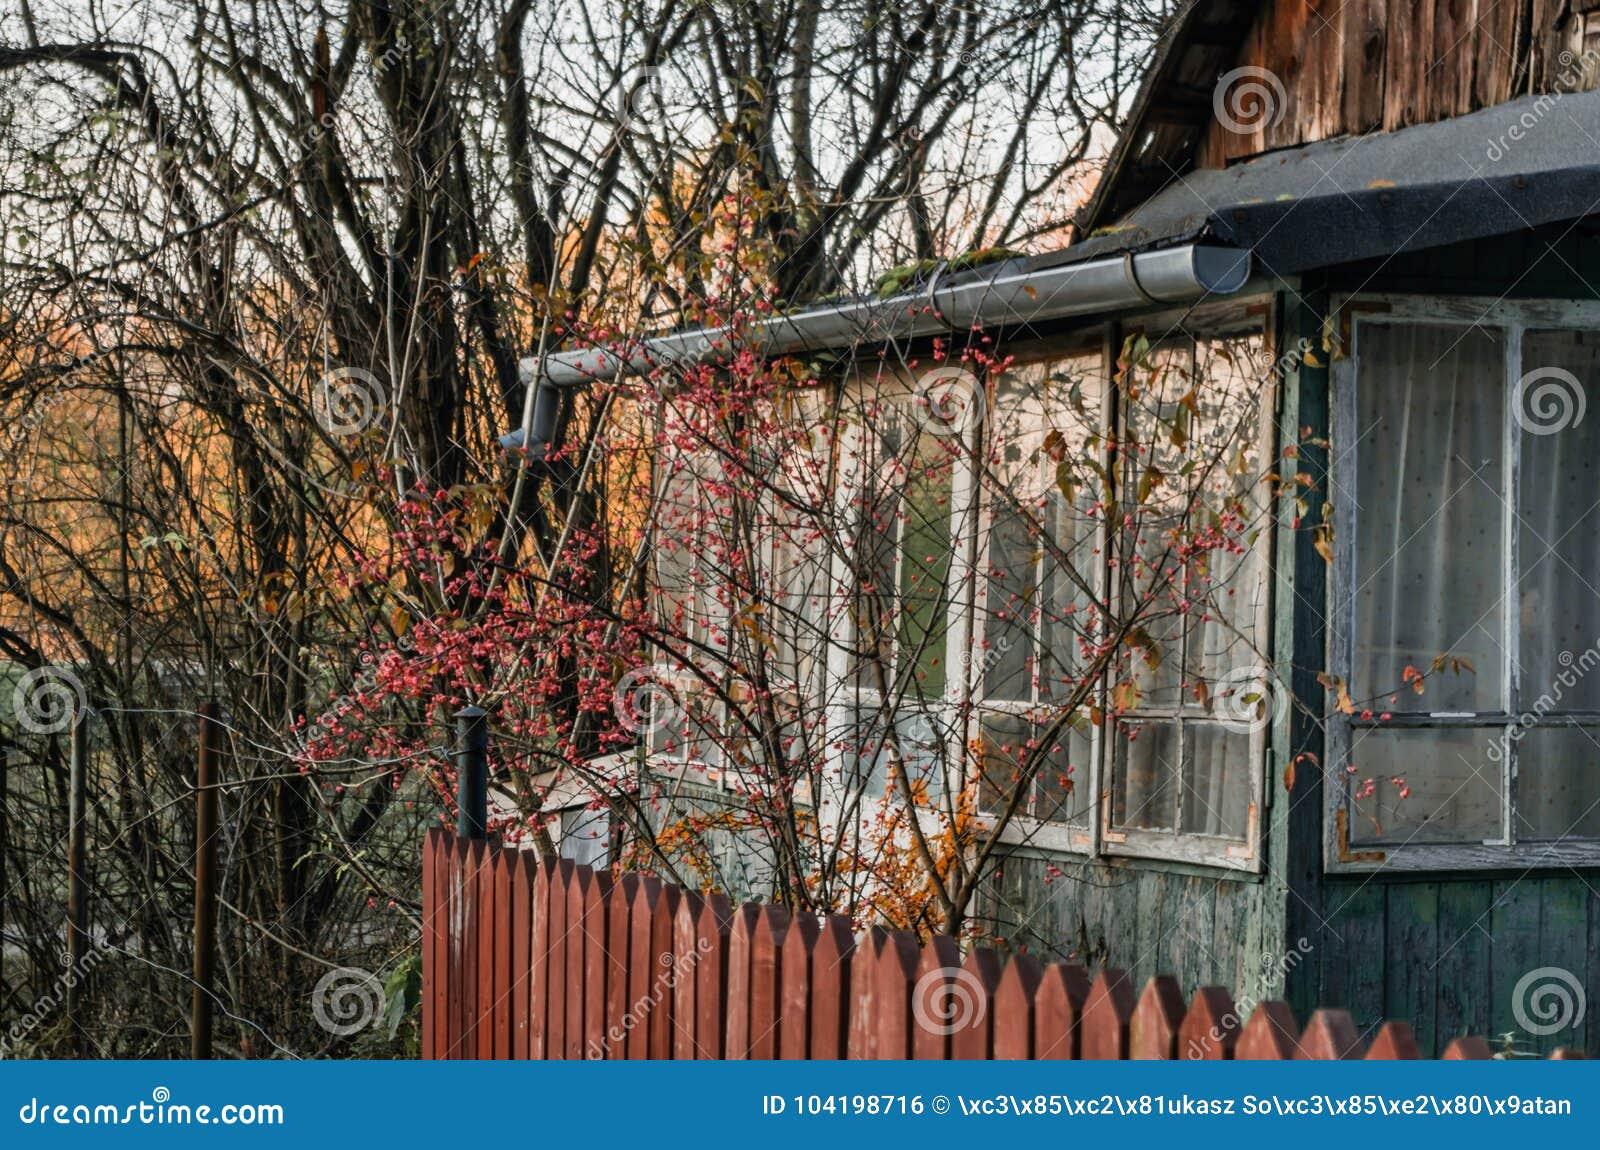 Παλαιά αγροτική είσοδος βεραντών σπιτιών στο εκλεκτής ποιότητας σπίτι με το κόκκινο ξύλο